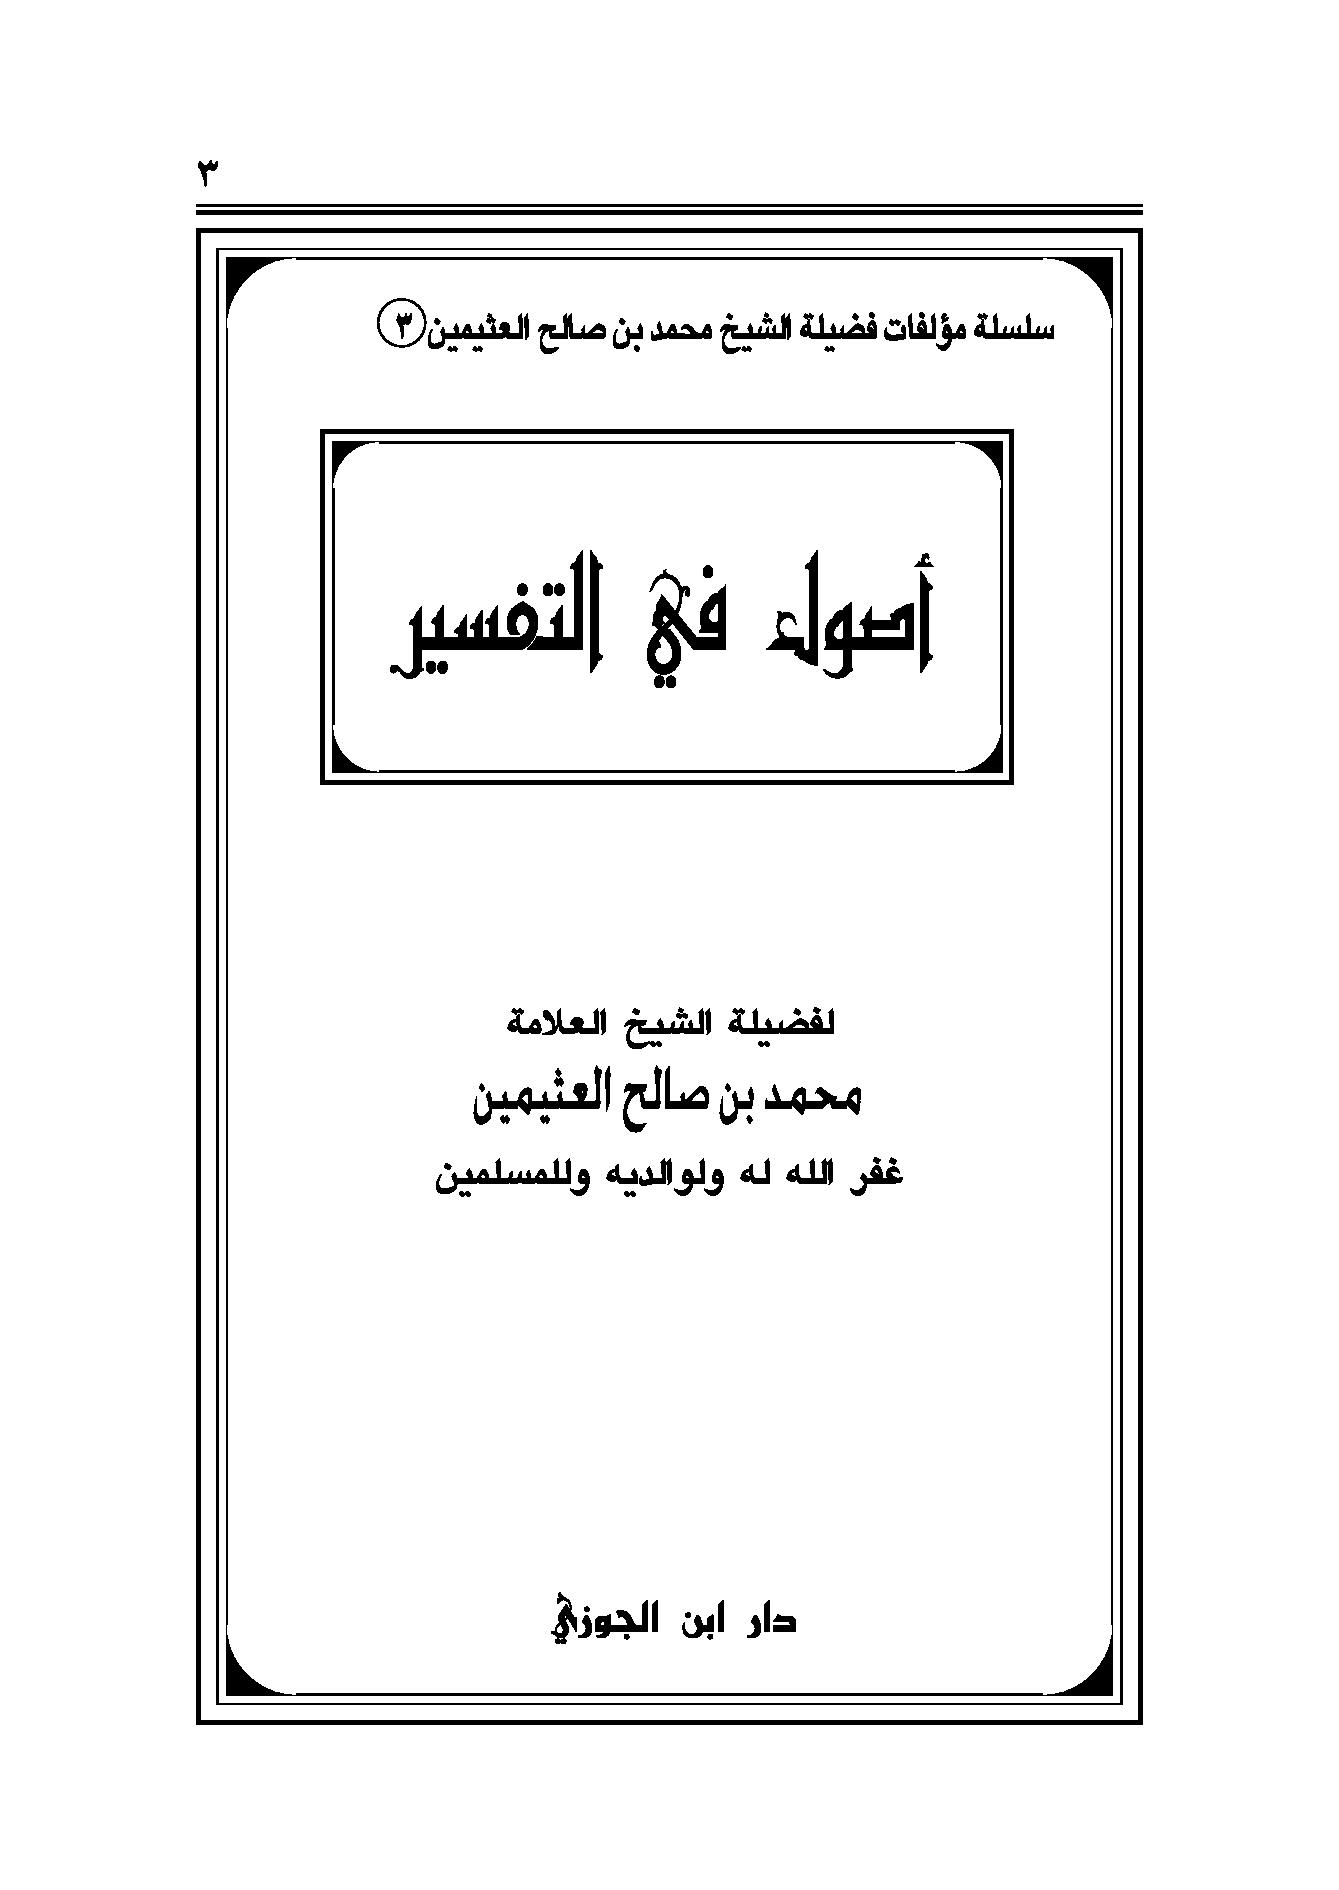 تحميل كتاب أصول في التفسير (العثيمين) لـِ: الشيخ محمد بن صالح العثيمين (ت 1421)